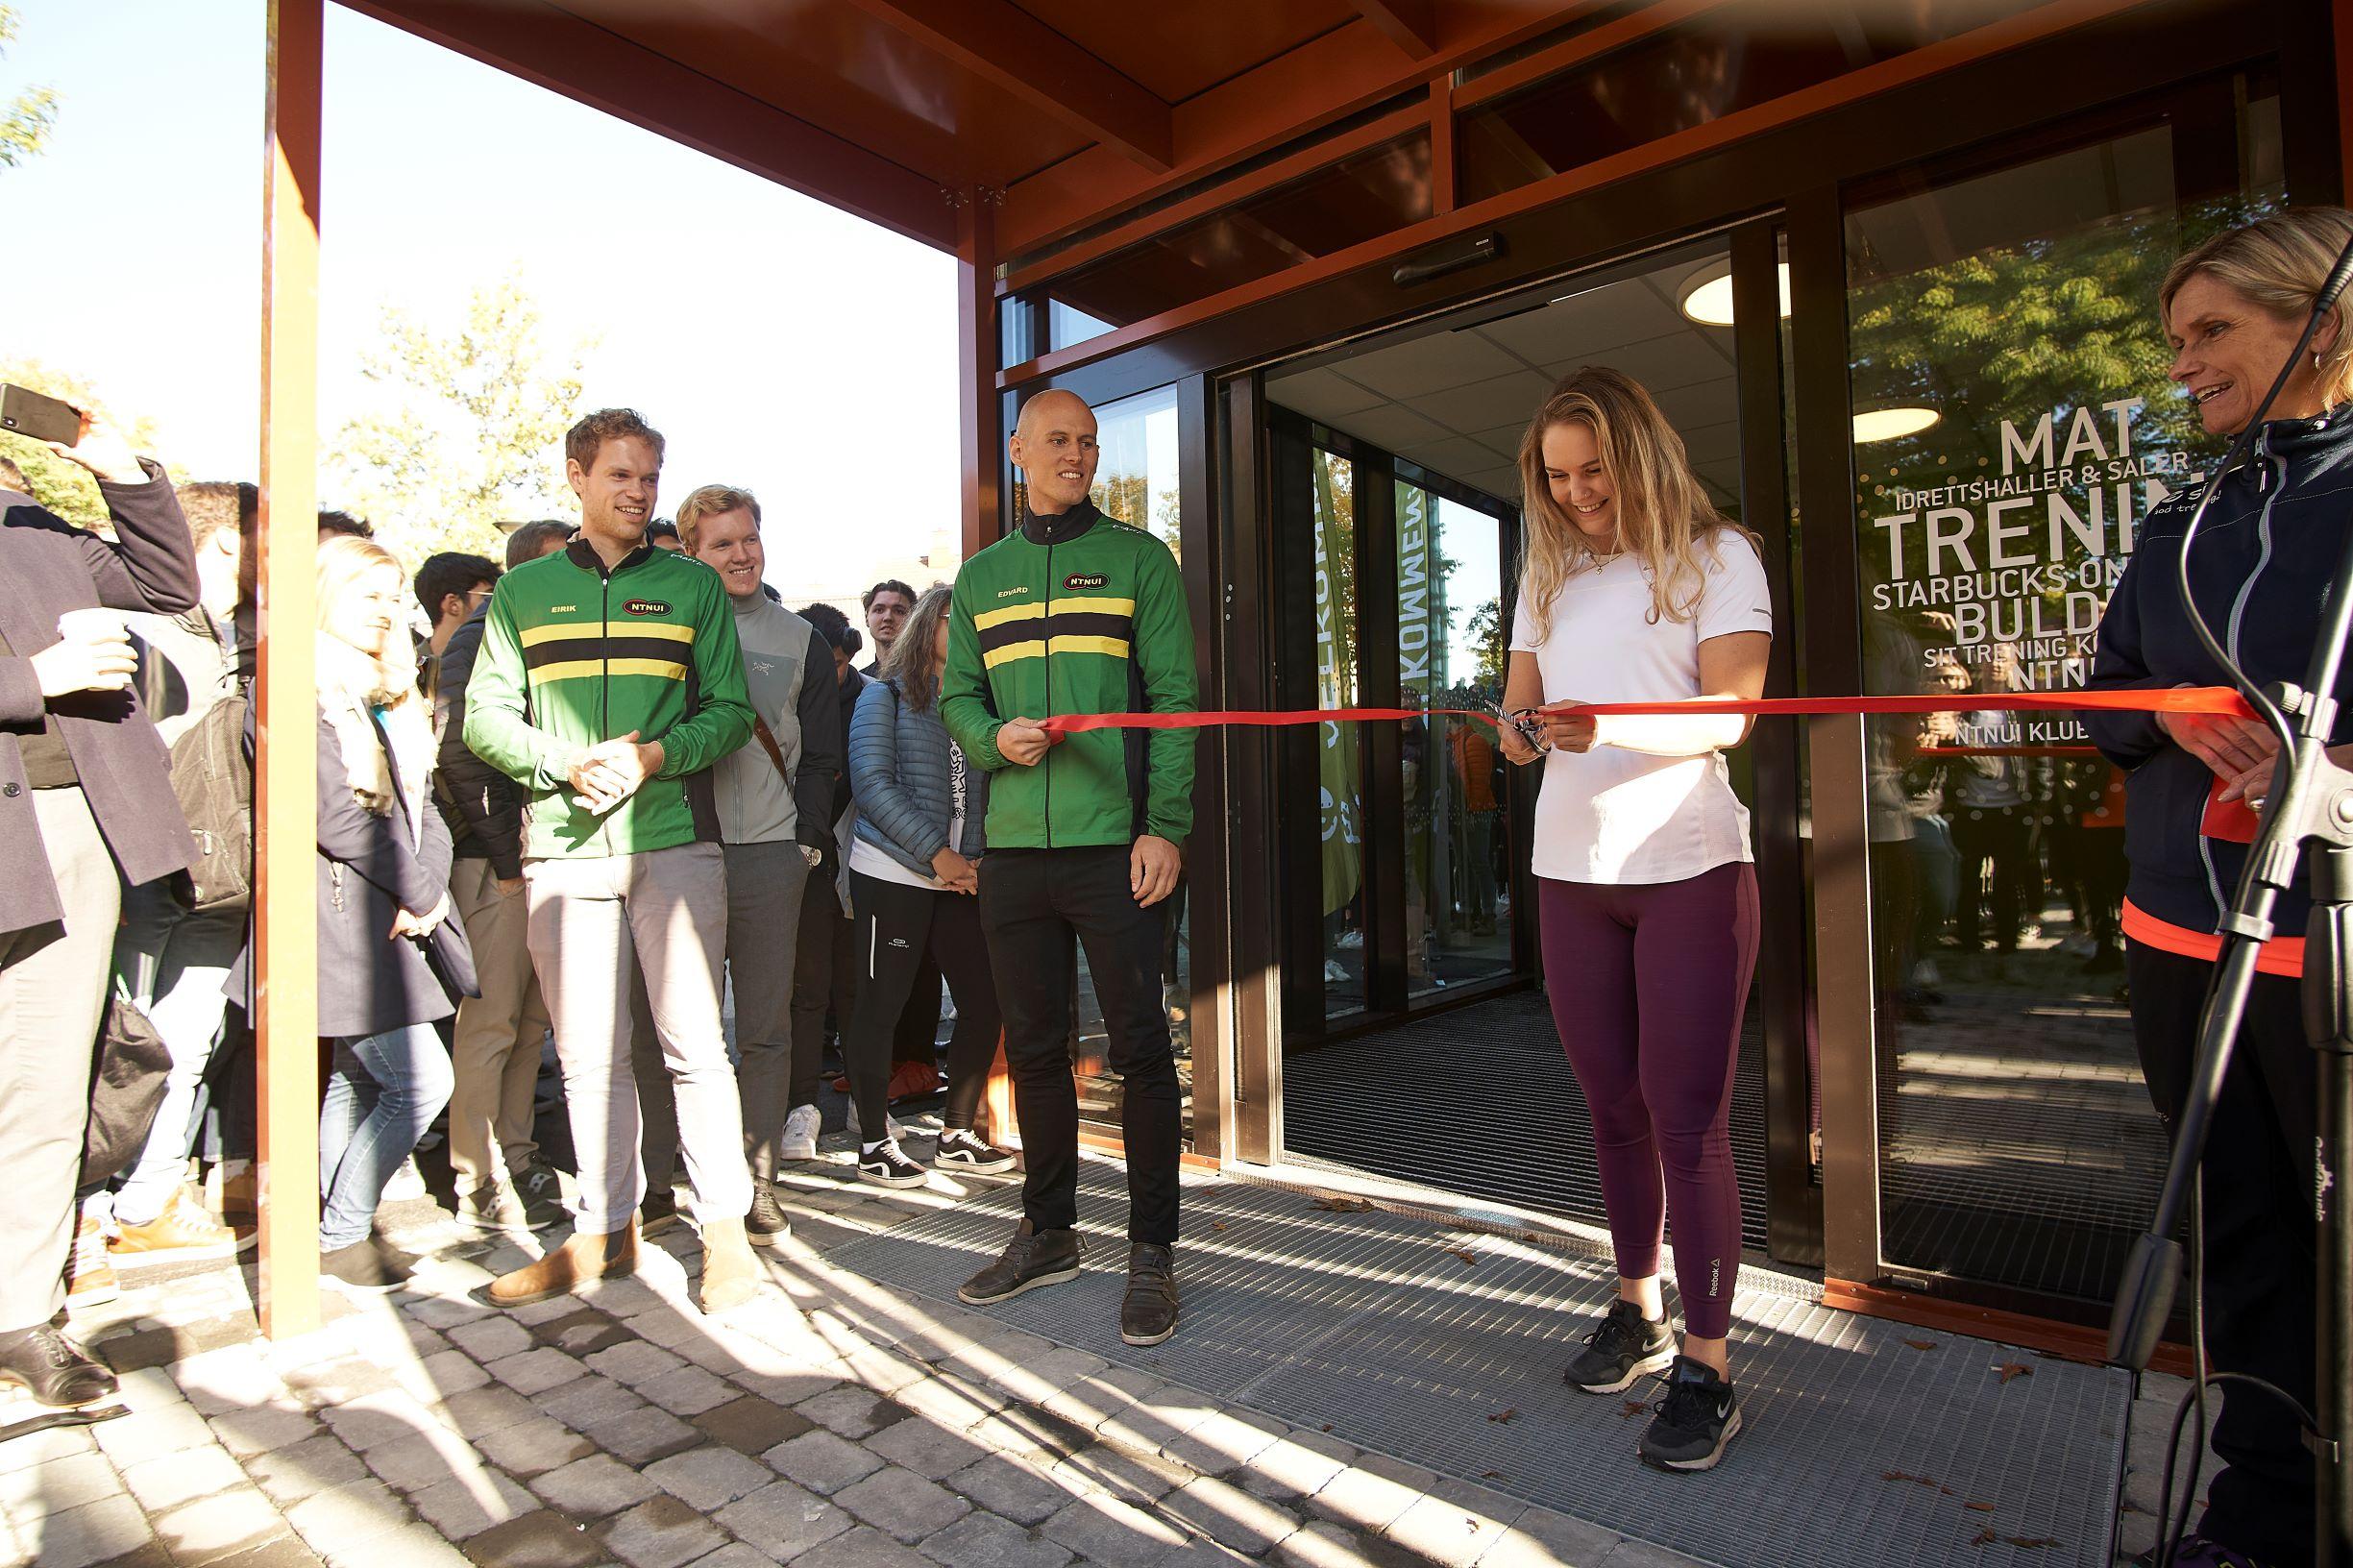 Åpning av Idrettsbygget Gløshaugen